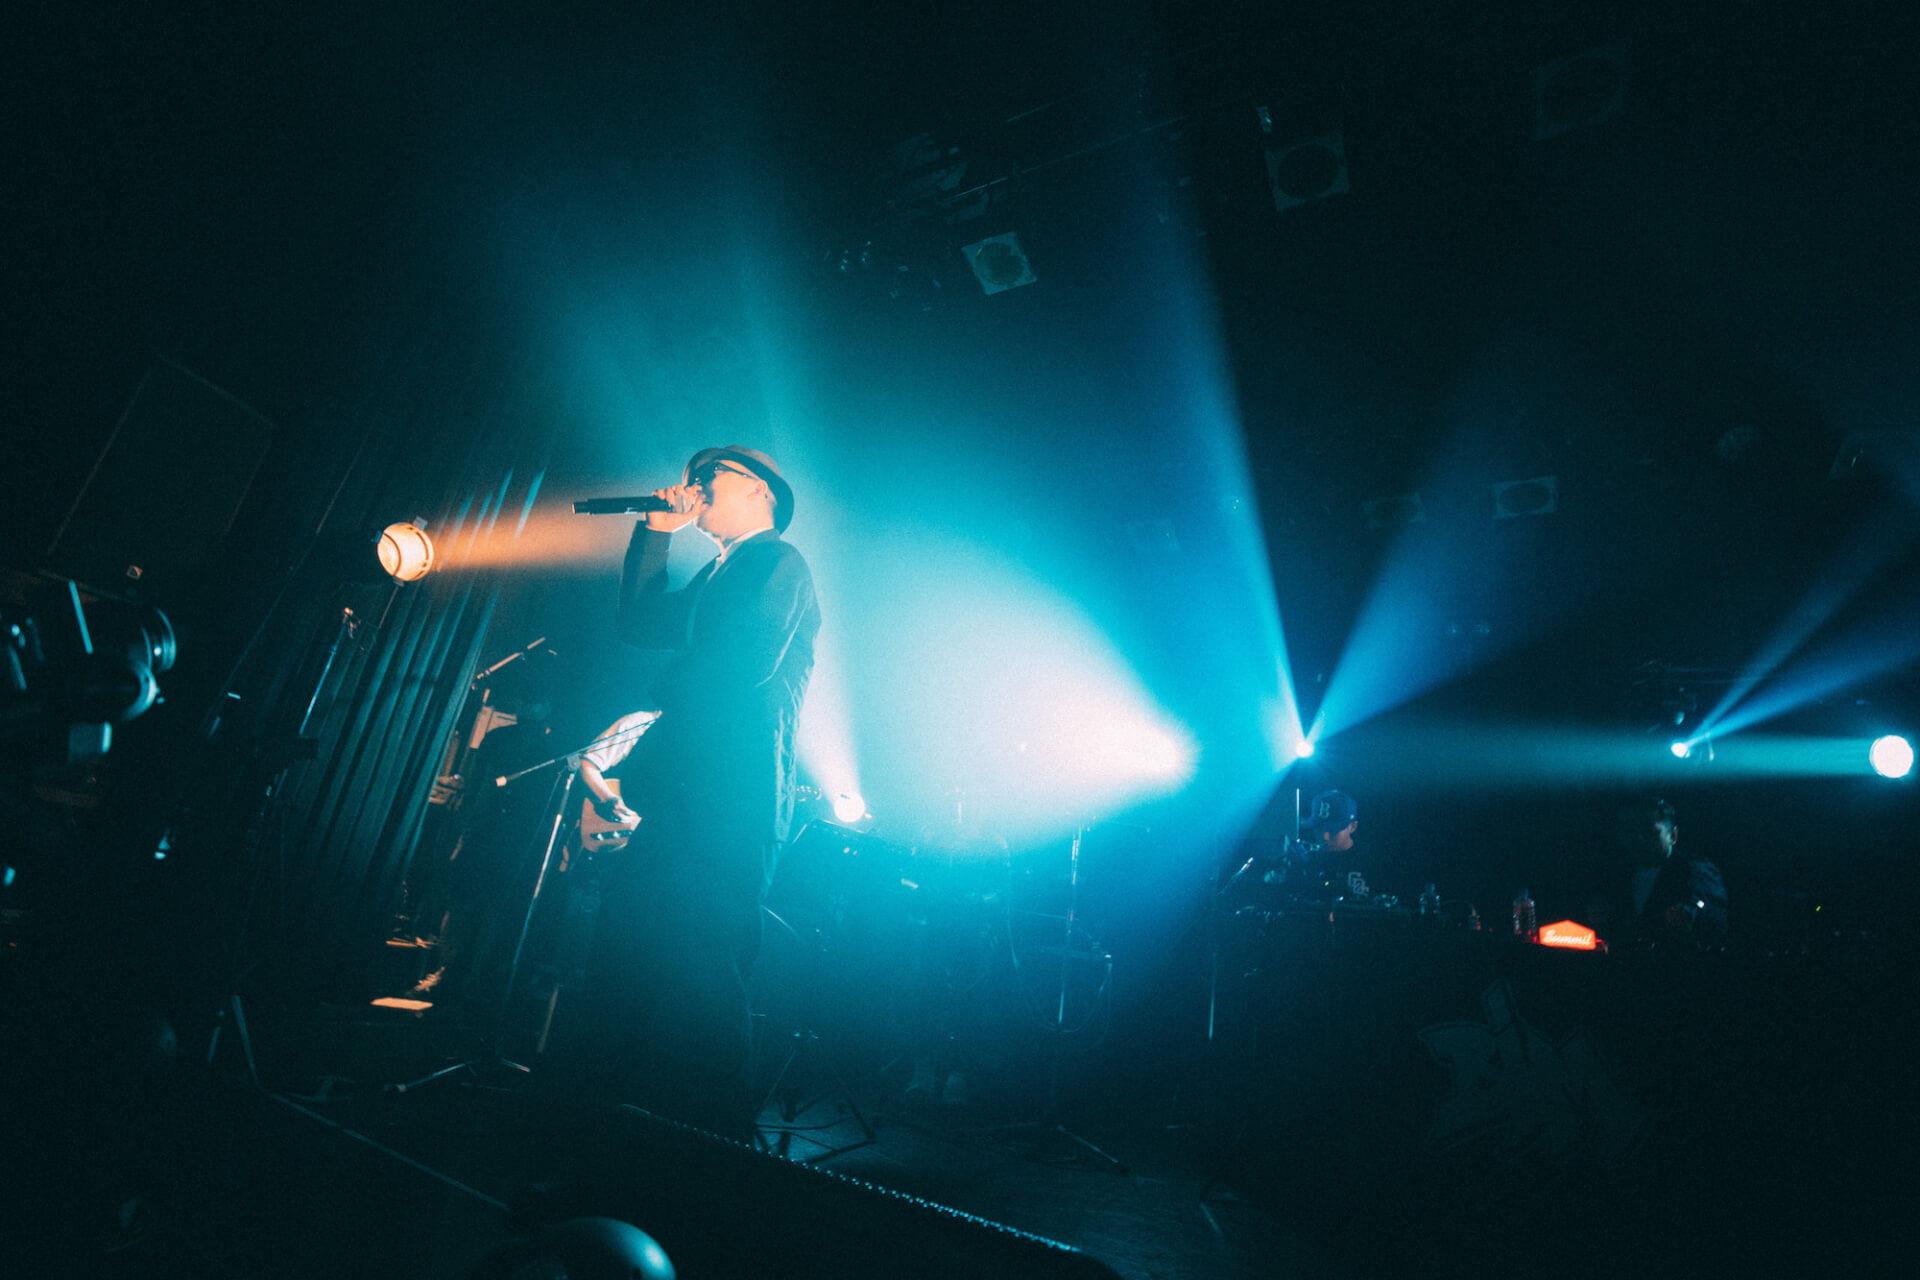 ライブレポート:WWW 10th Anniversary BIM × Yogee New Waves━━生活と分かち難いライブの喜び music210624-bim-yogee-new-waves-5